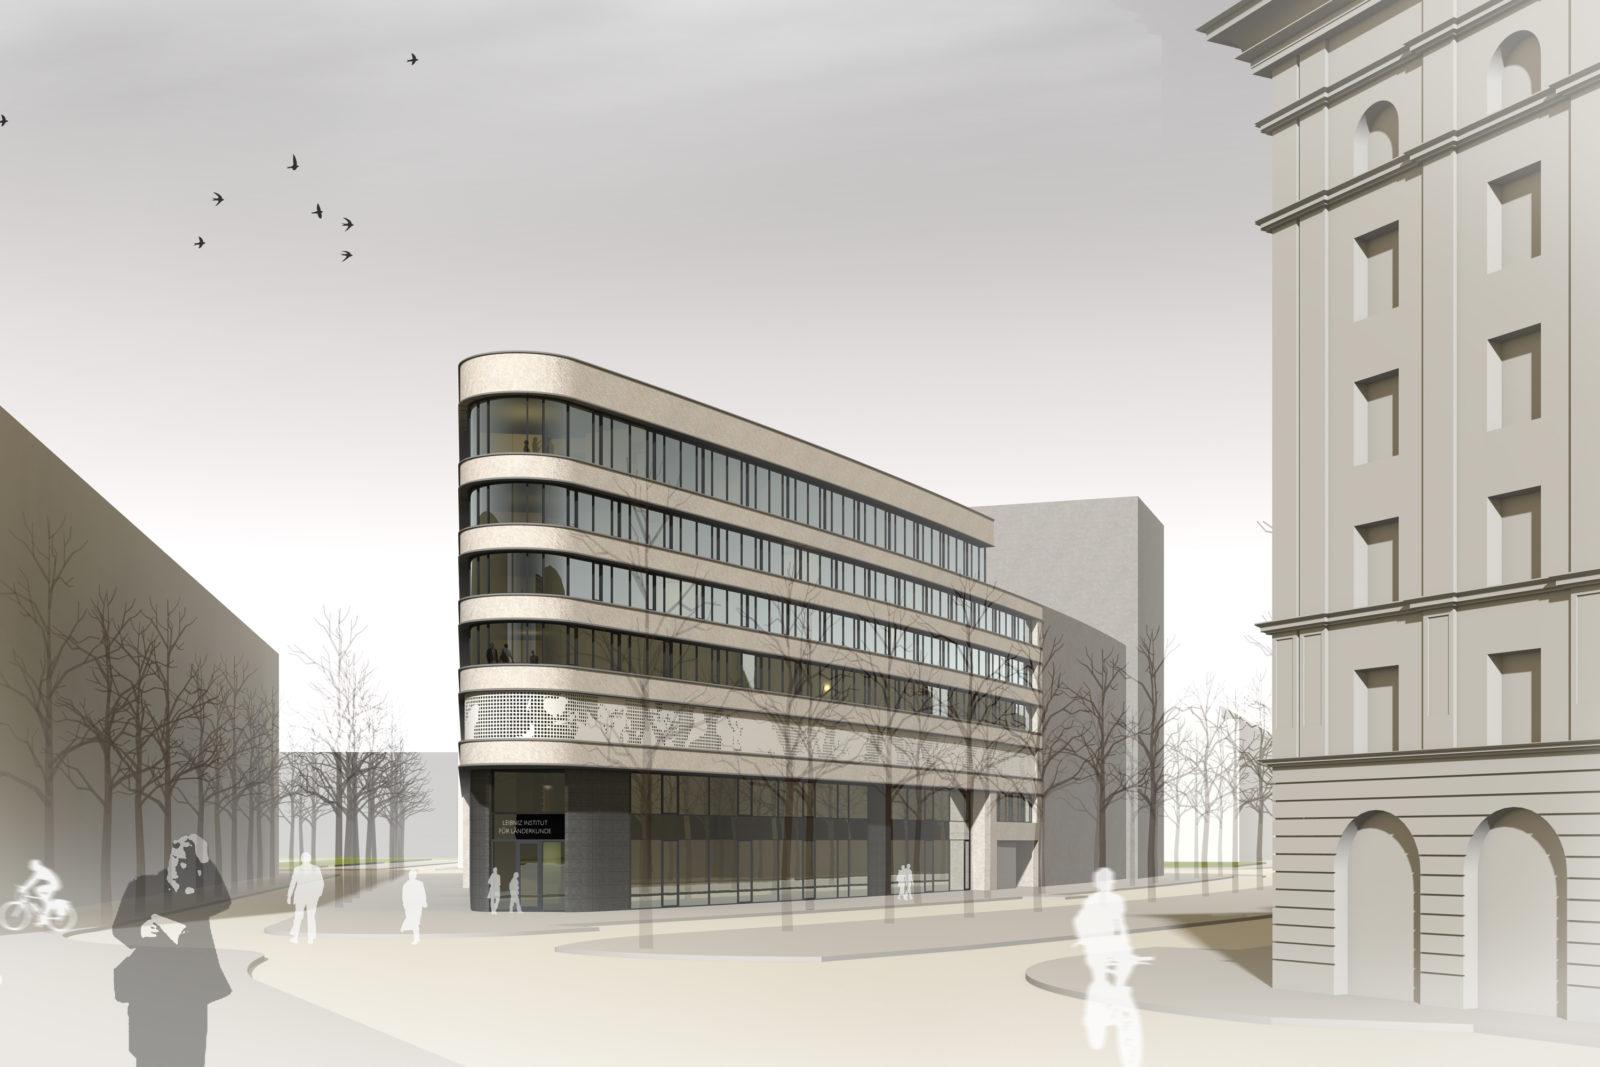 Wettbewerb Leibniz-Institut für Länderkunde in Leipzig, Zentrum - Blick von der Straße